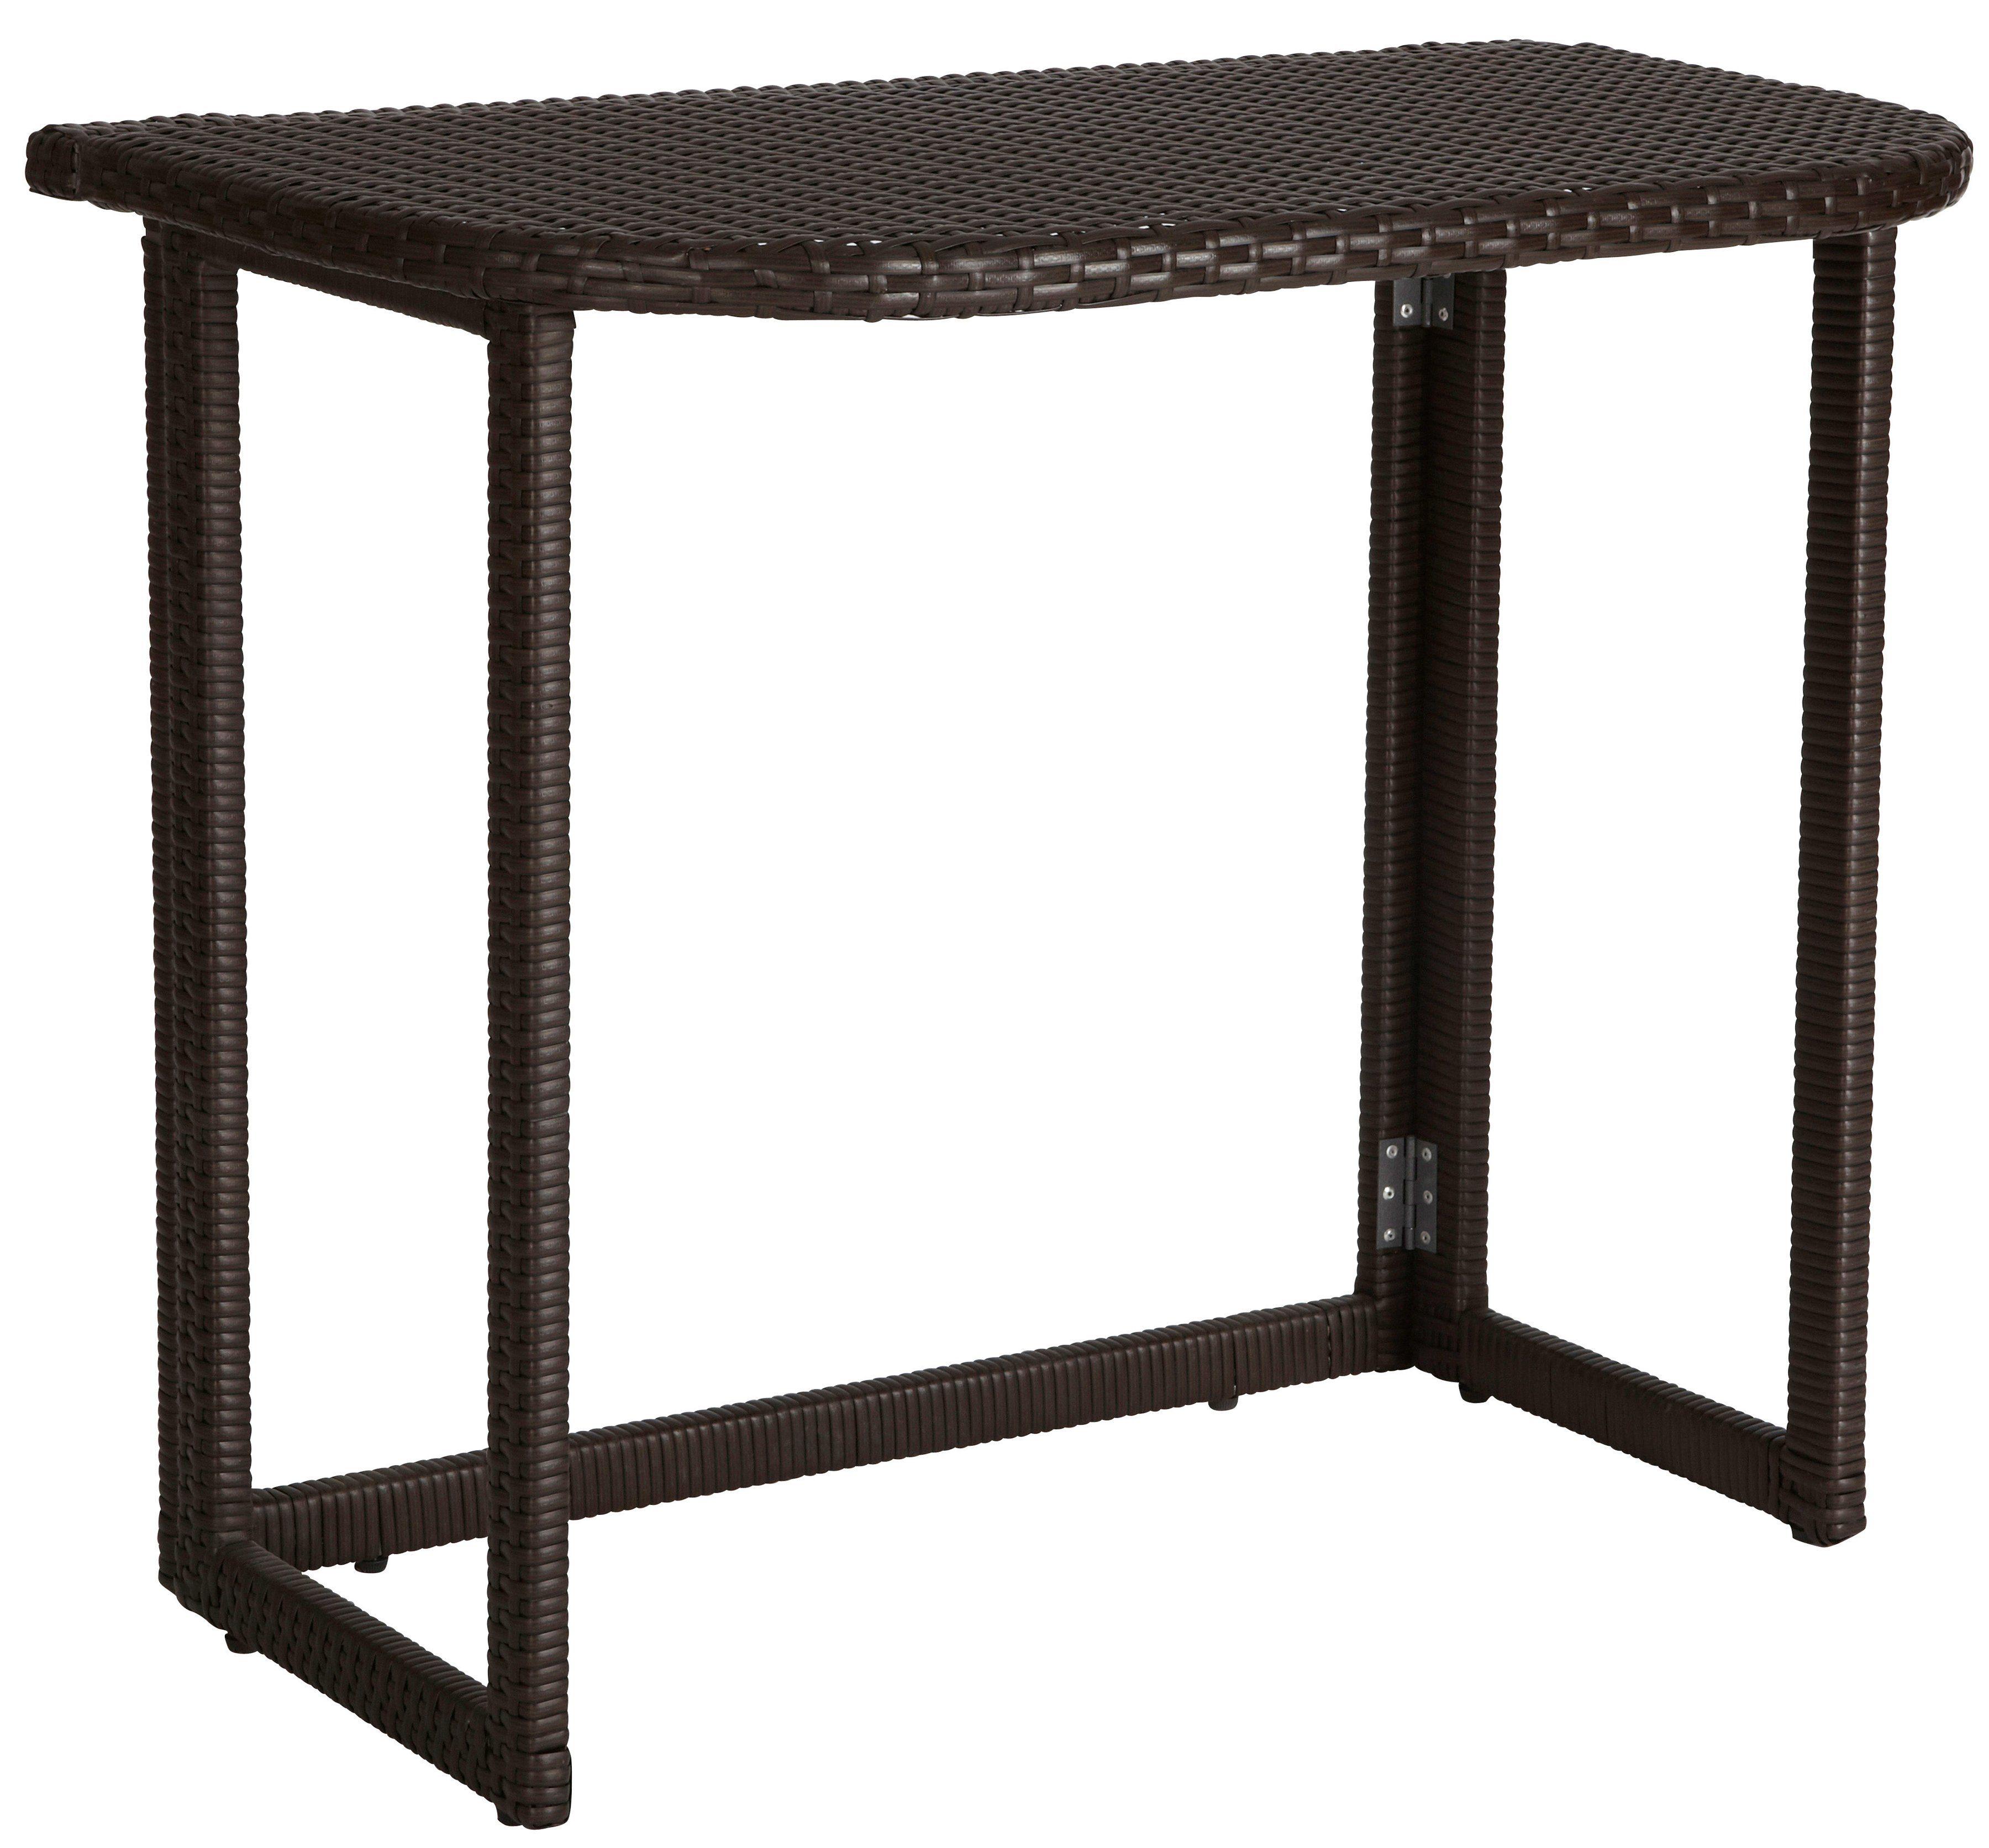 Gartentisch »Rattan«, klappbar, Polyrattan, 90x50 cm